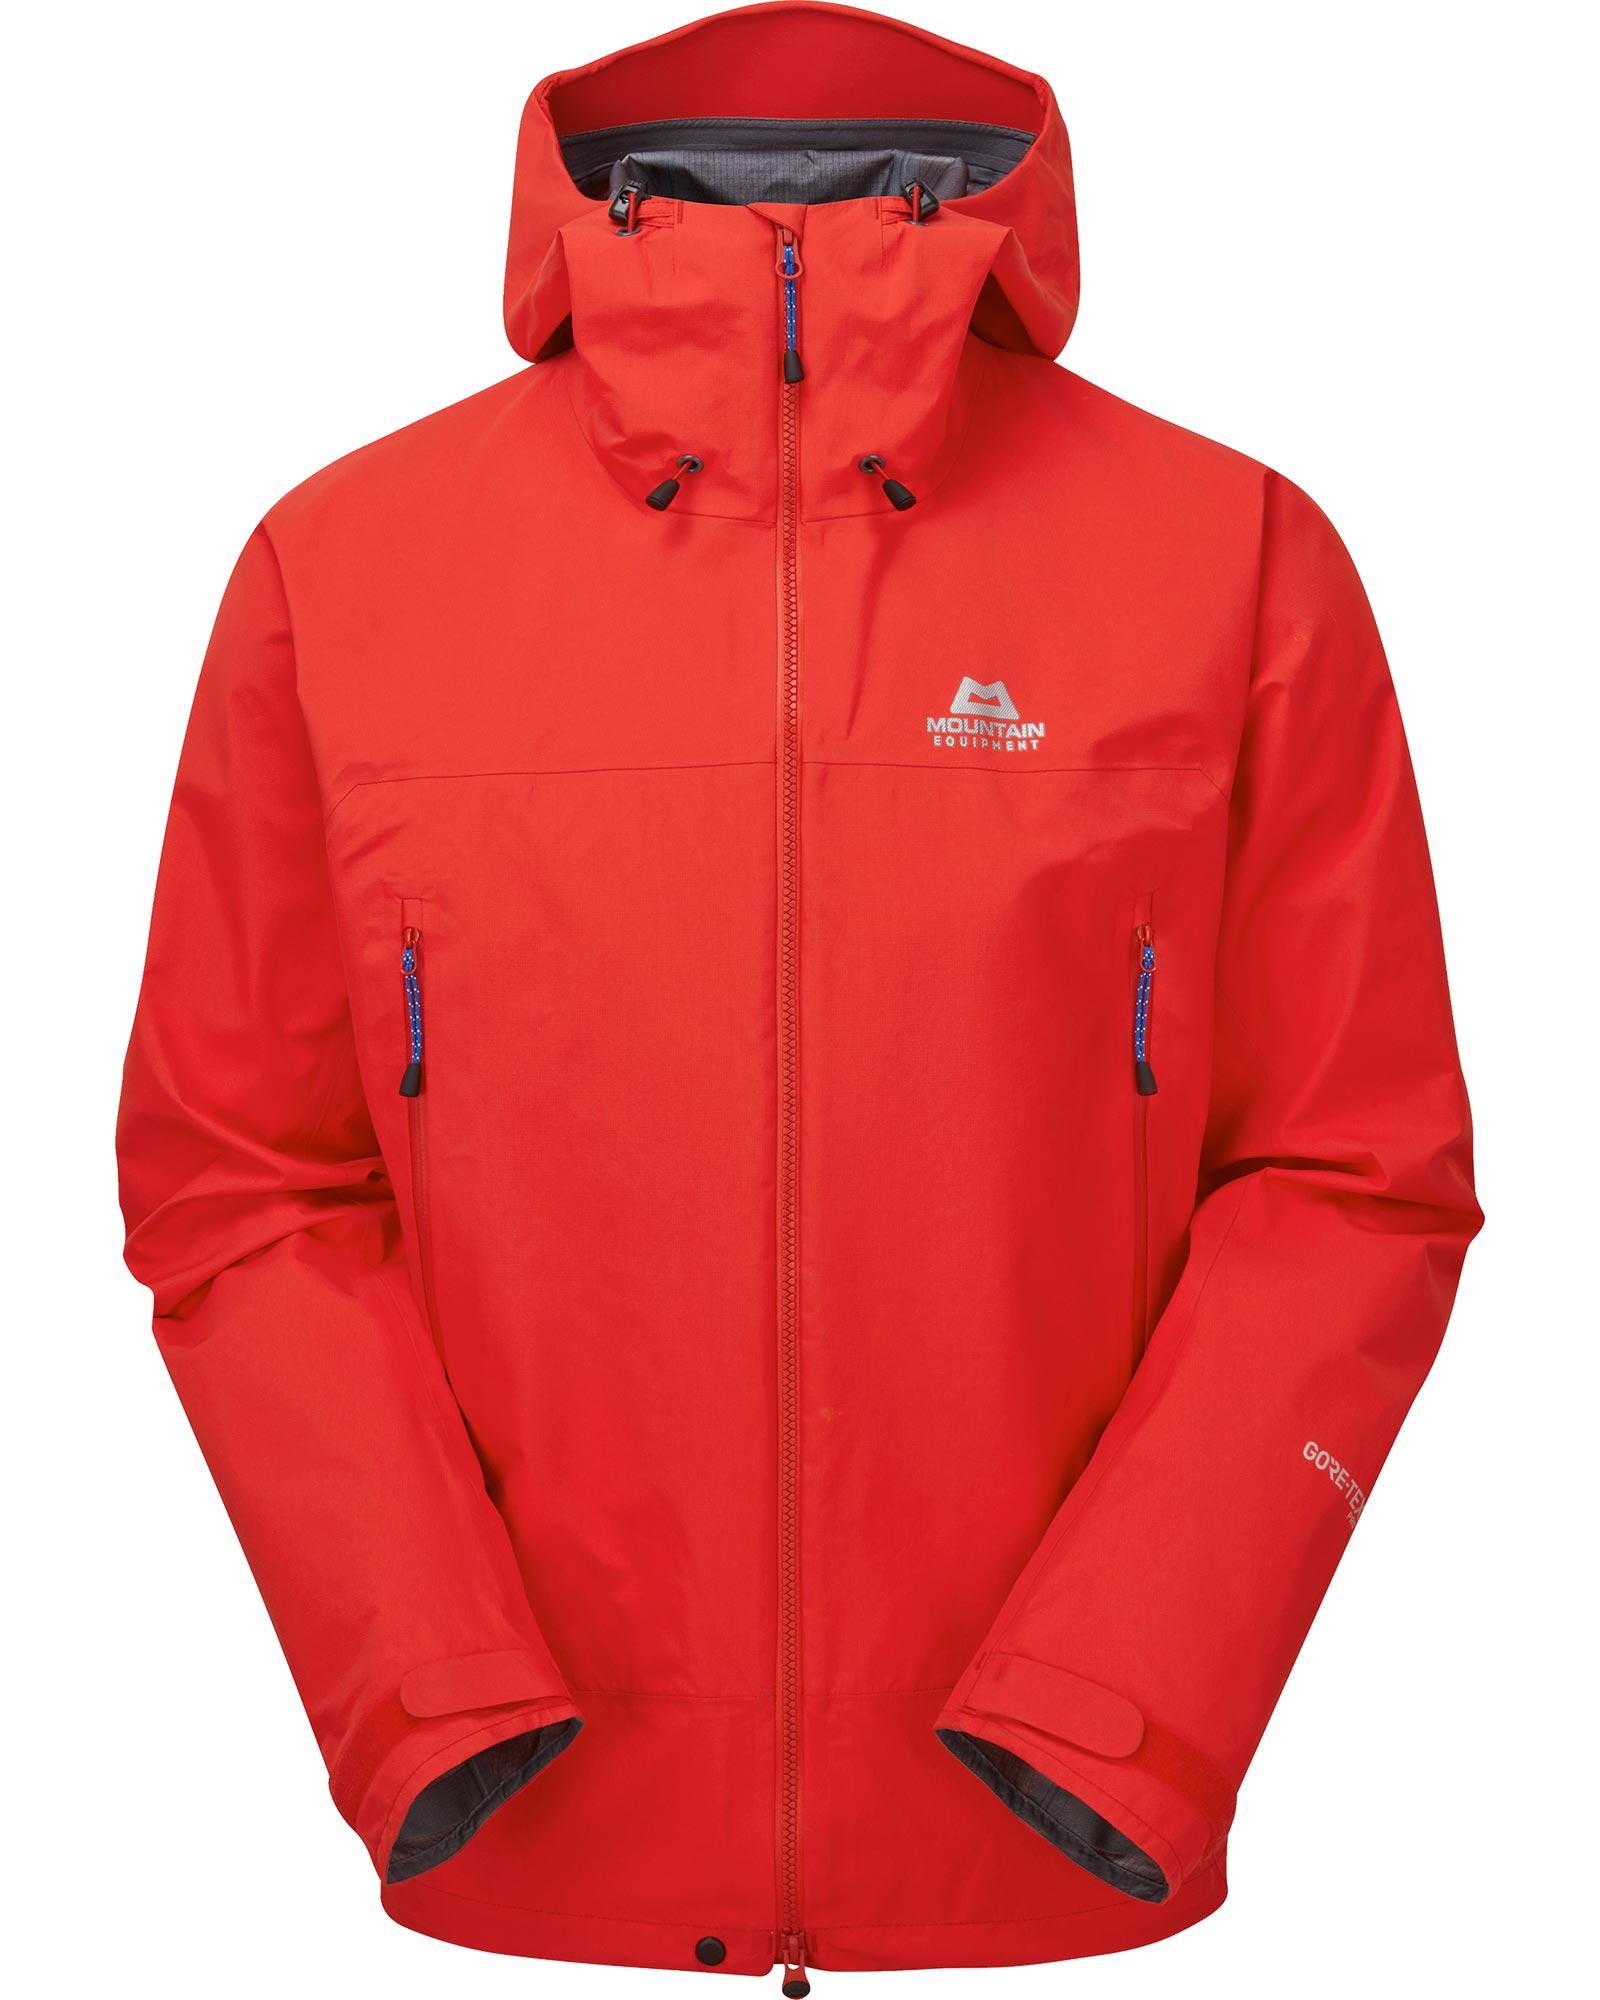 Mountain Equipment Women's Shivling GORE-TEX Pro Jacket 0